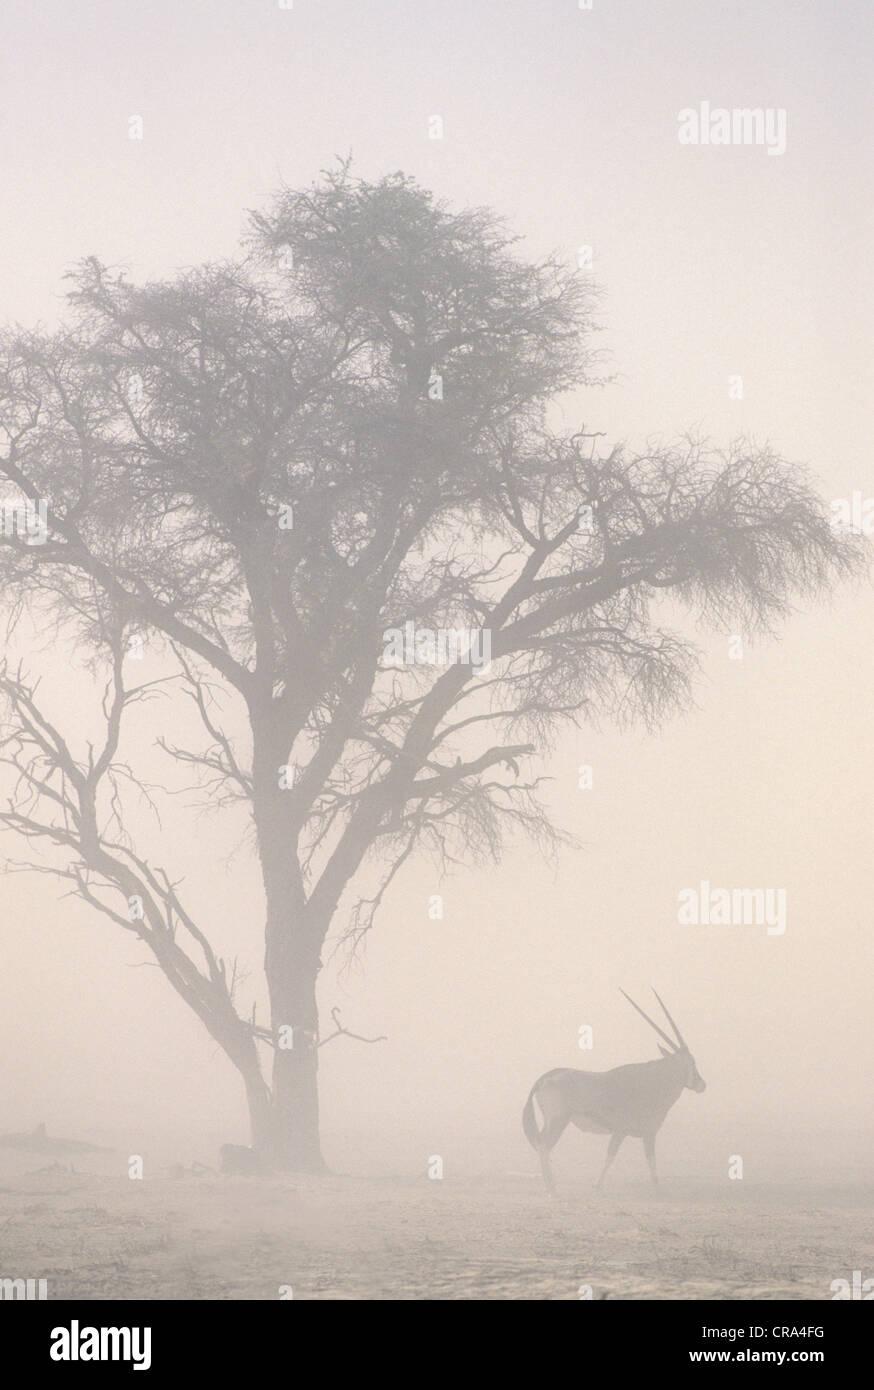 Le réchauffement, sandstorm et oryx à 45°C la température, kgalagadi transfrontier Park, Afrique Photo Stock